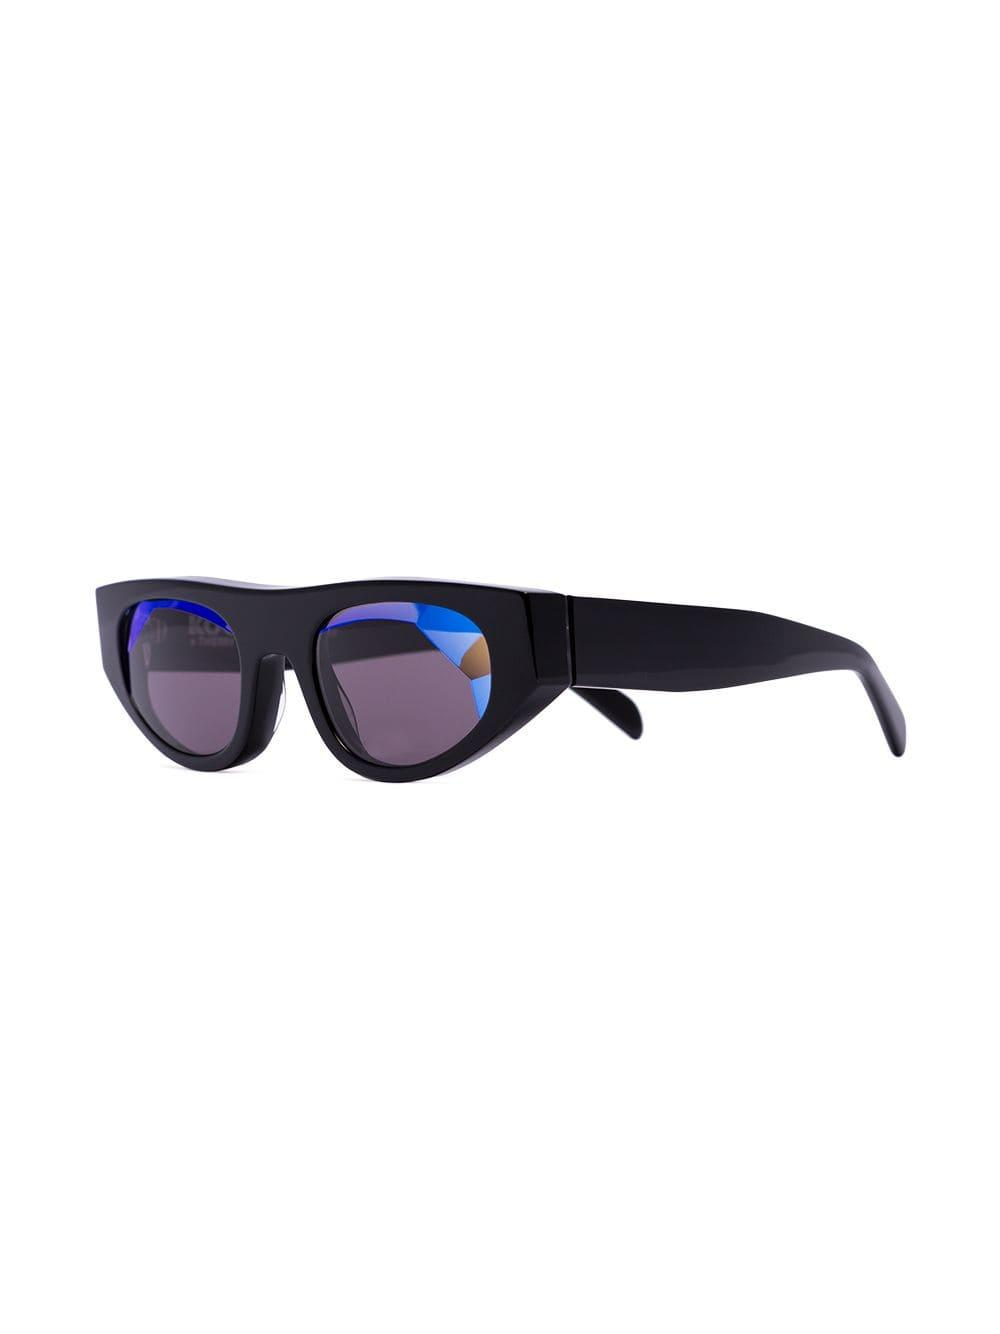 Lunettes de soleil Cobalt x Koche Thierry Lasry pour homme en coloris Noir cdgw